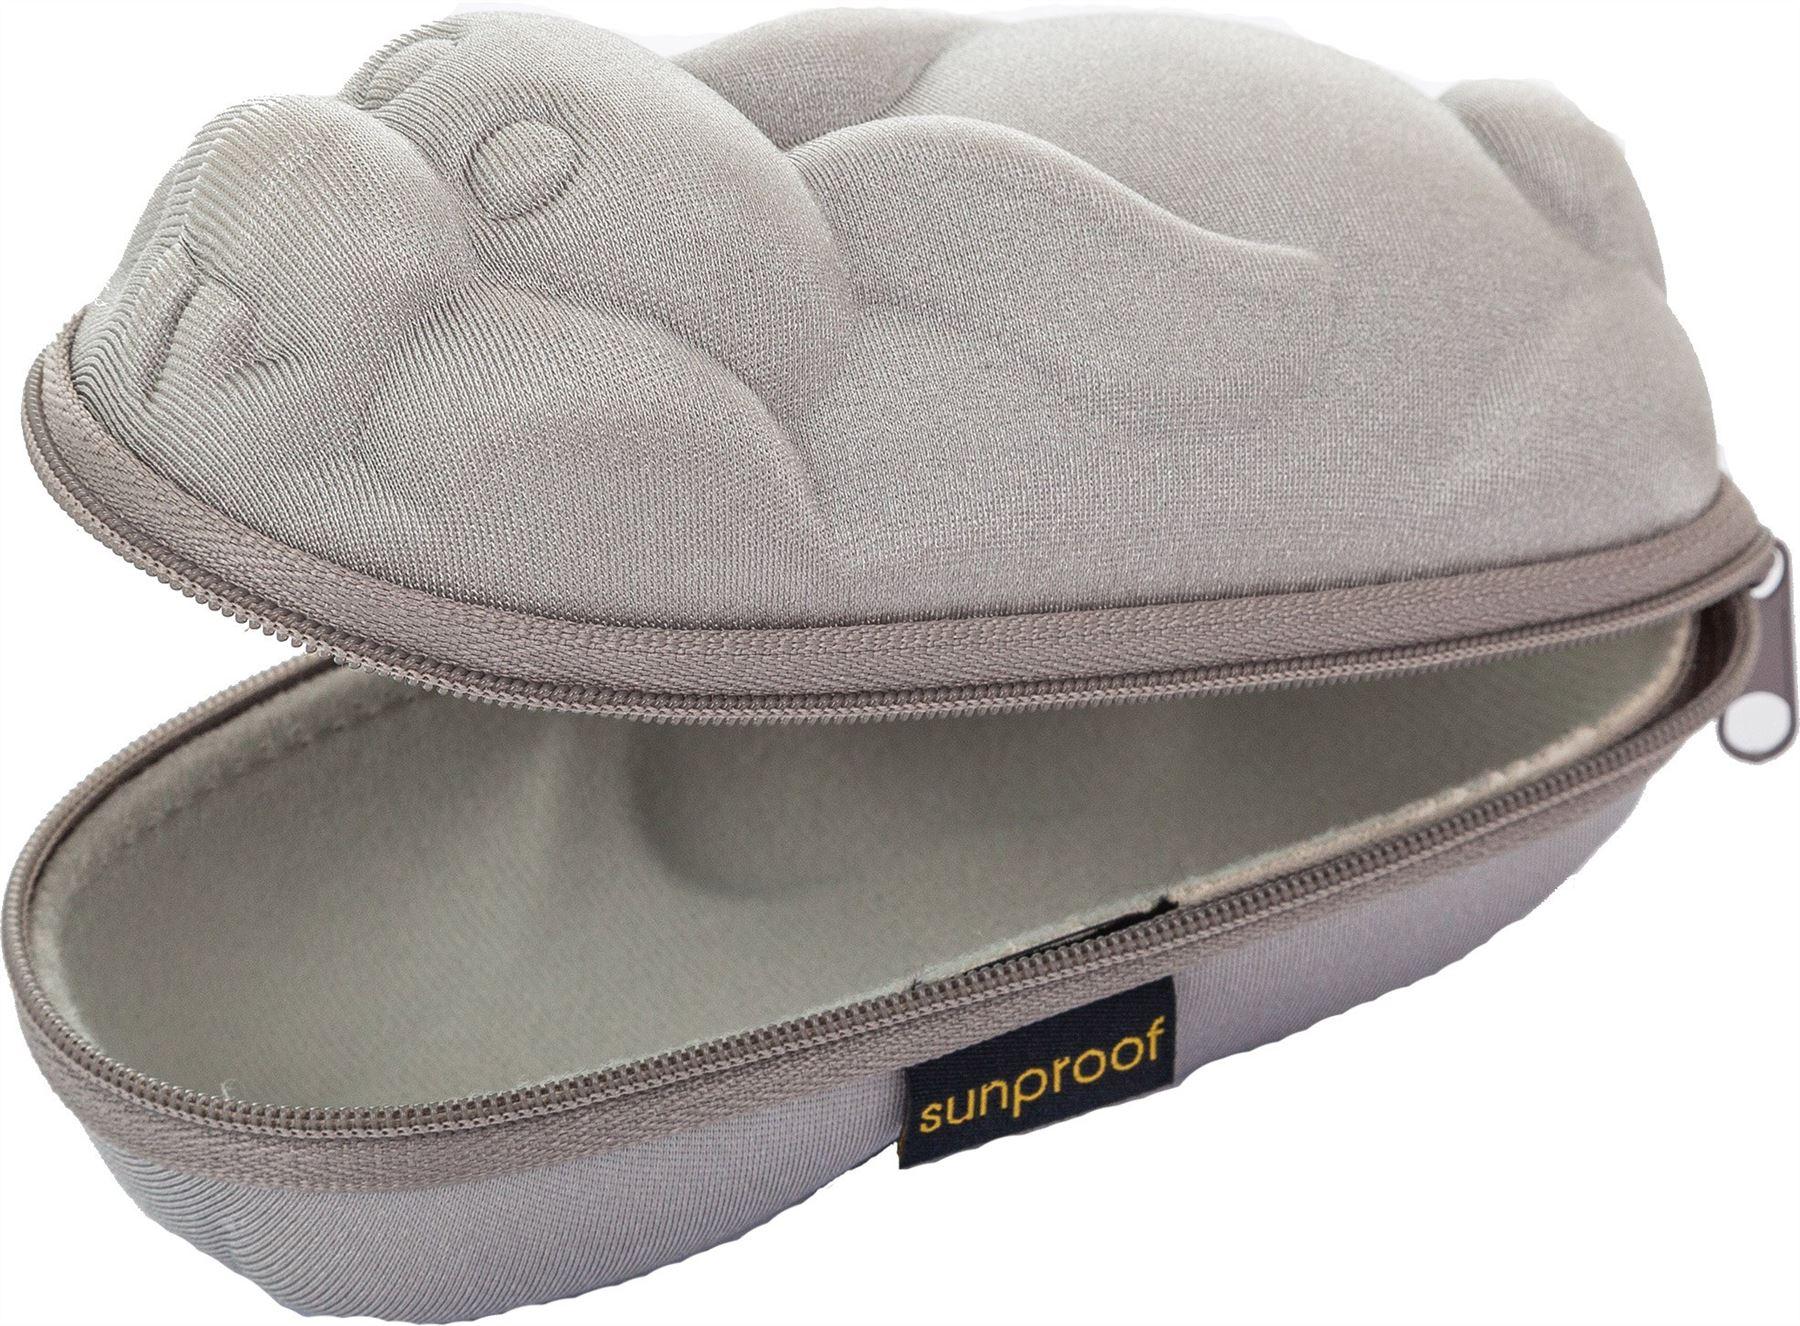 Sunproof-FUNDA-Gafas-de-Sol-Proteccion-Sol-Playa-Nuevo miniatura 17